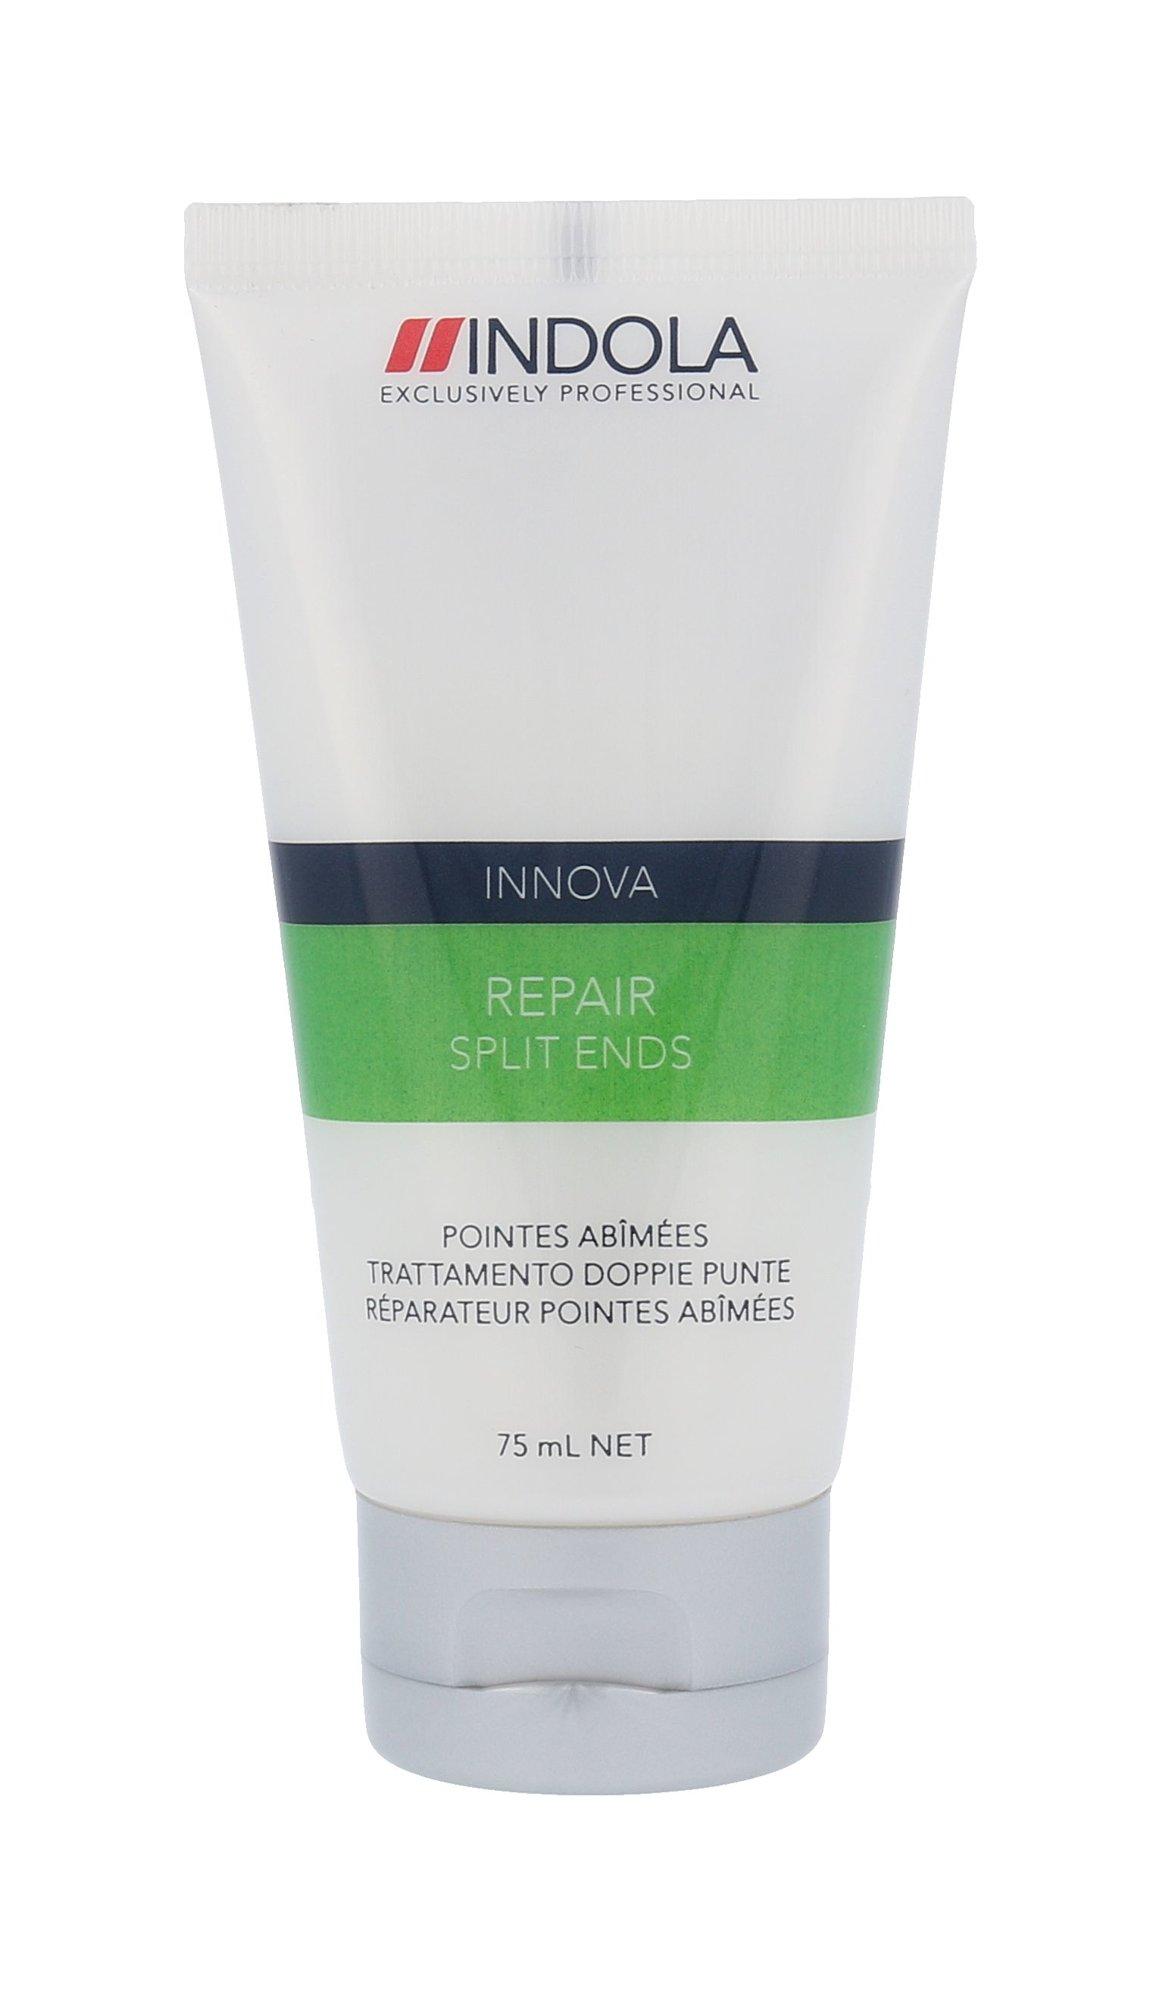 Indola Innova Repair Cosmetic 75ml